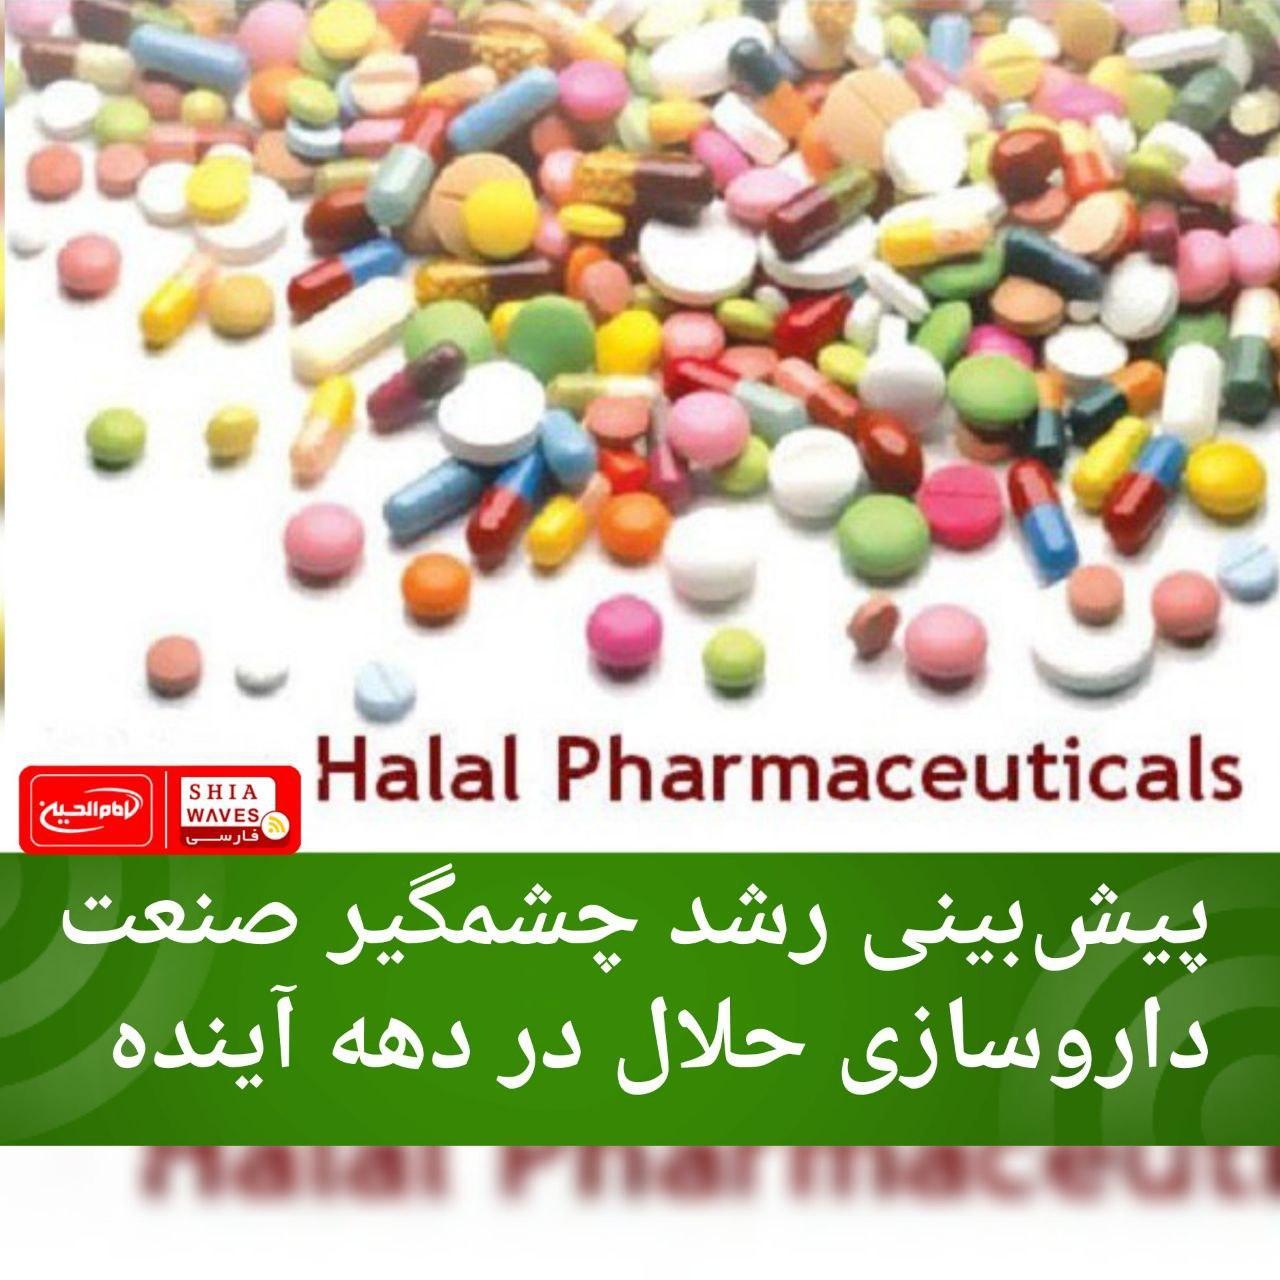 تصویر پیشبینی رشد چشمگیر صنعت داروسازی حلال در دهه آینده